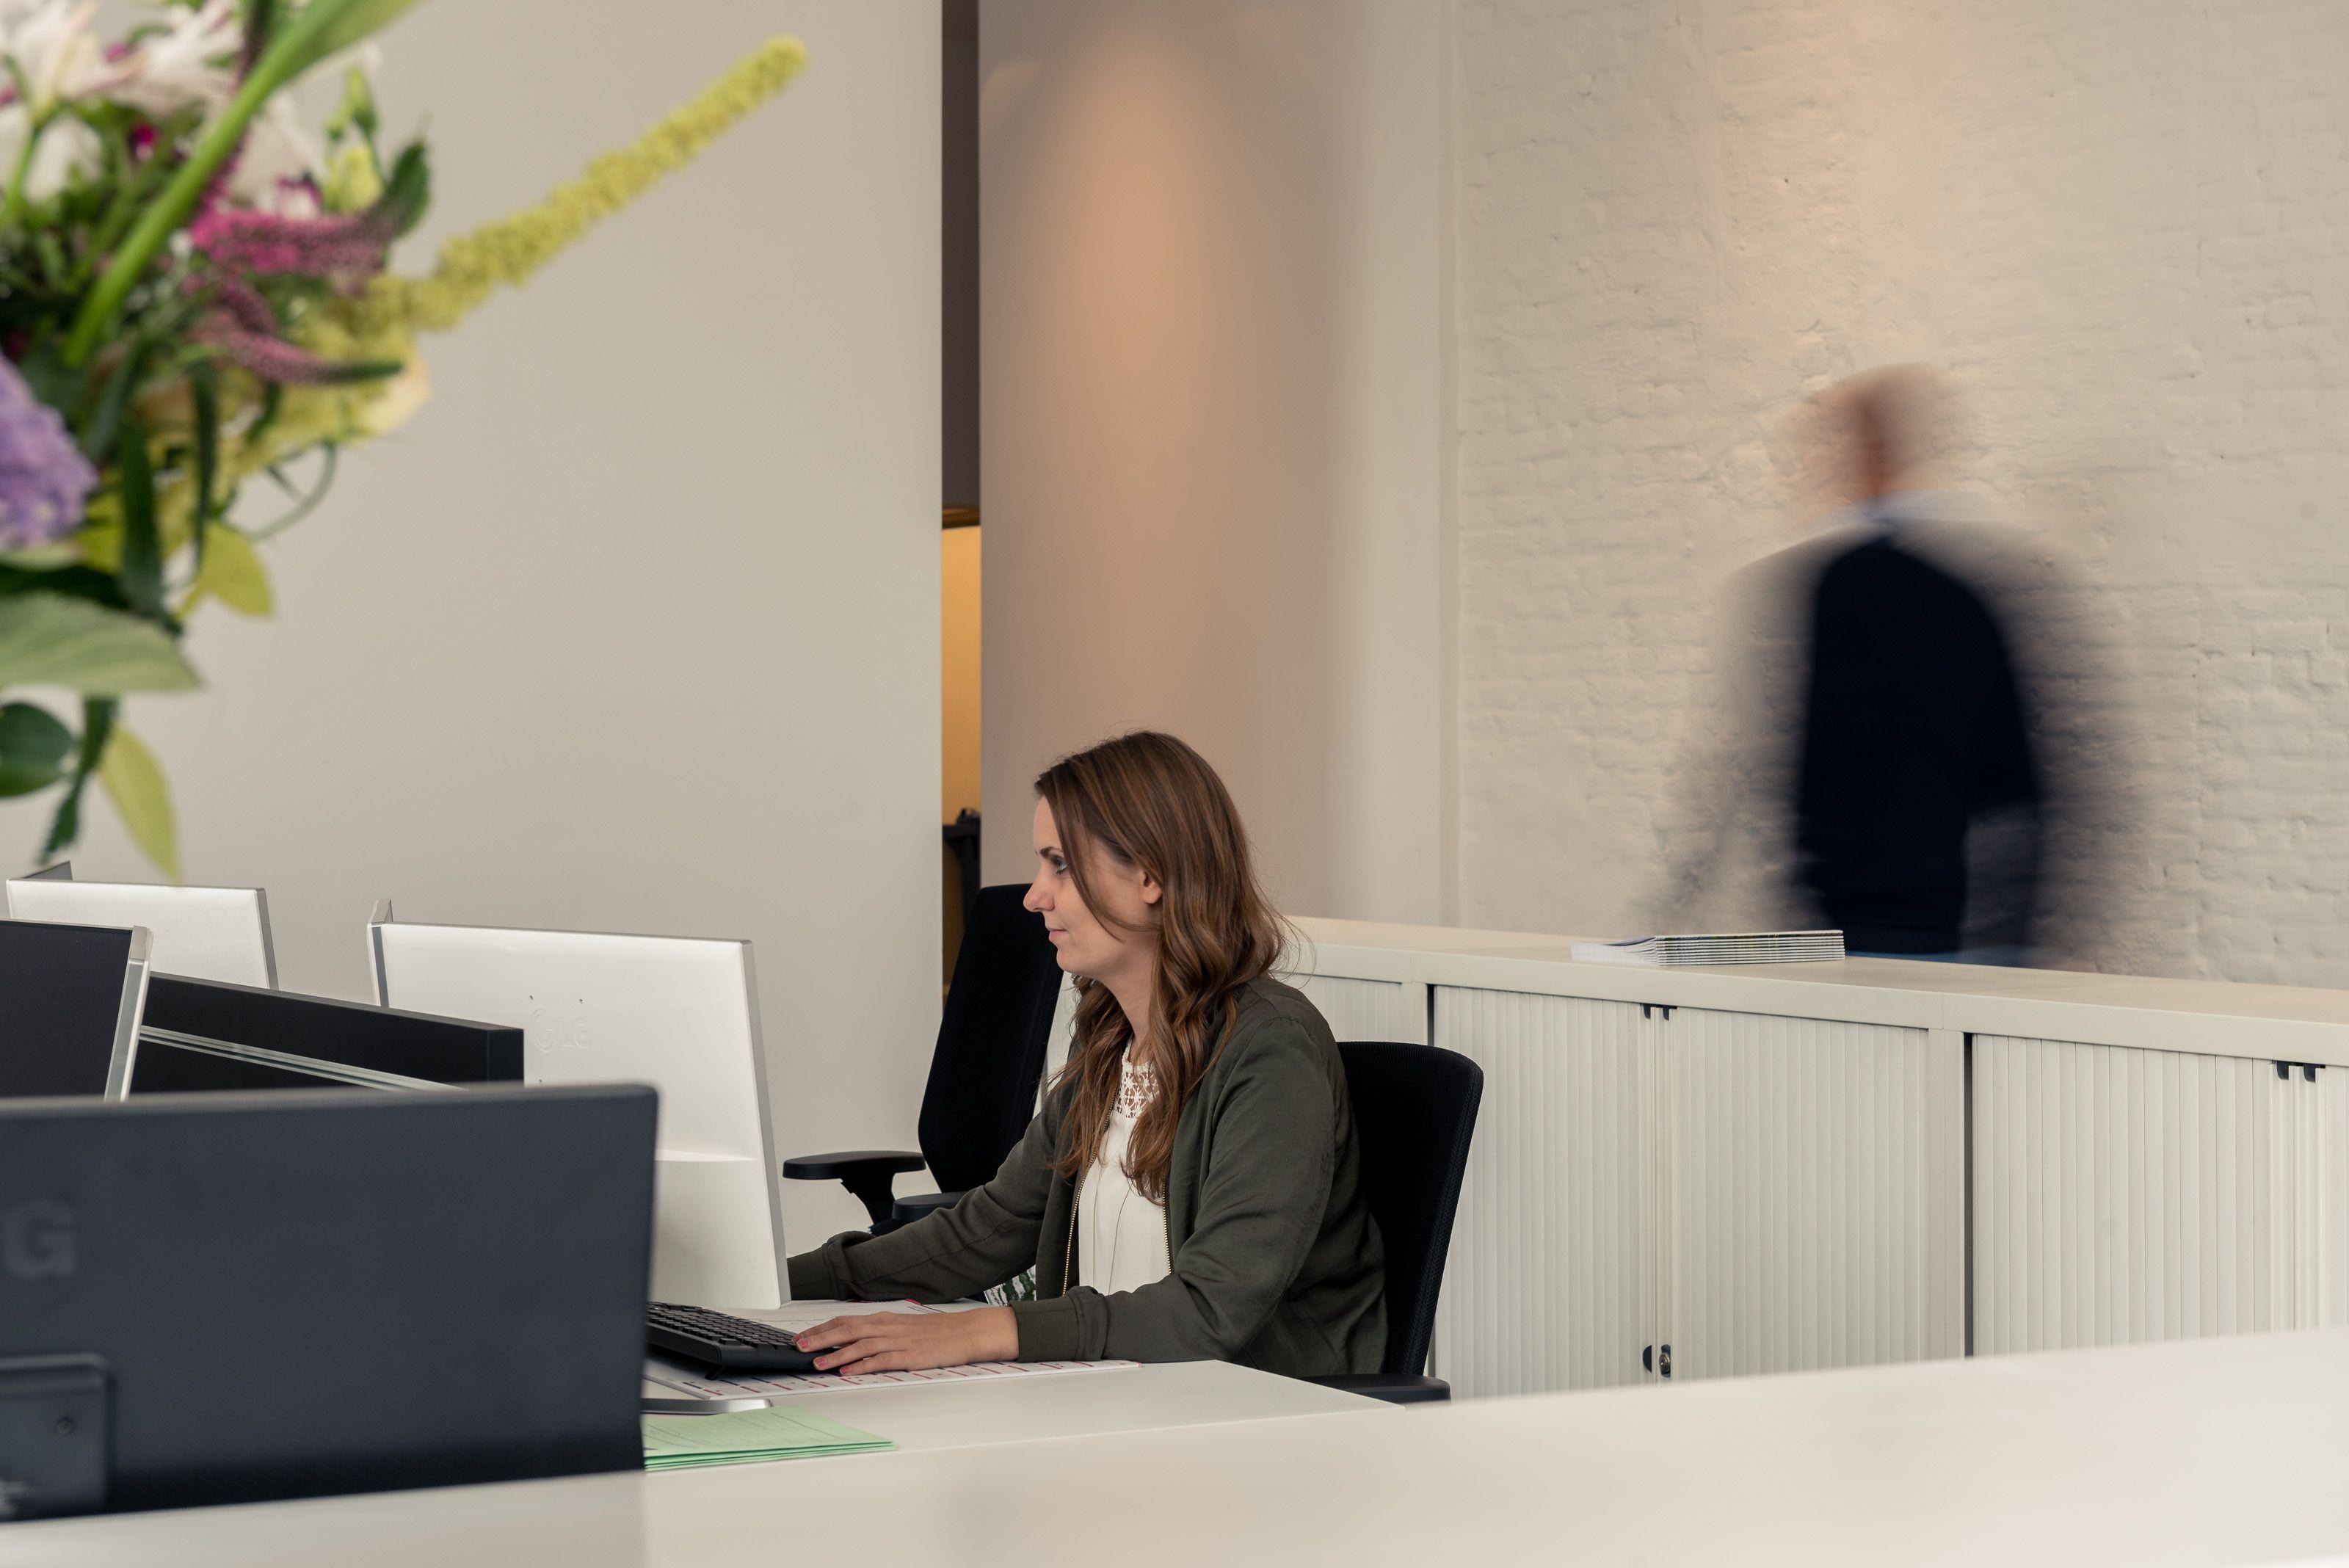 Werken in een kantoor omgeving